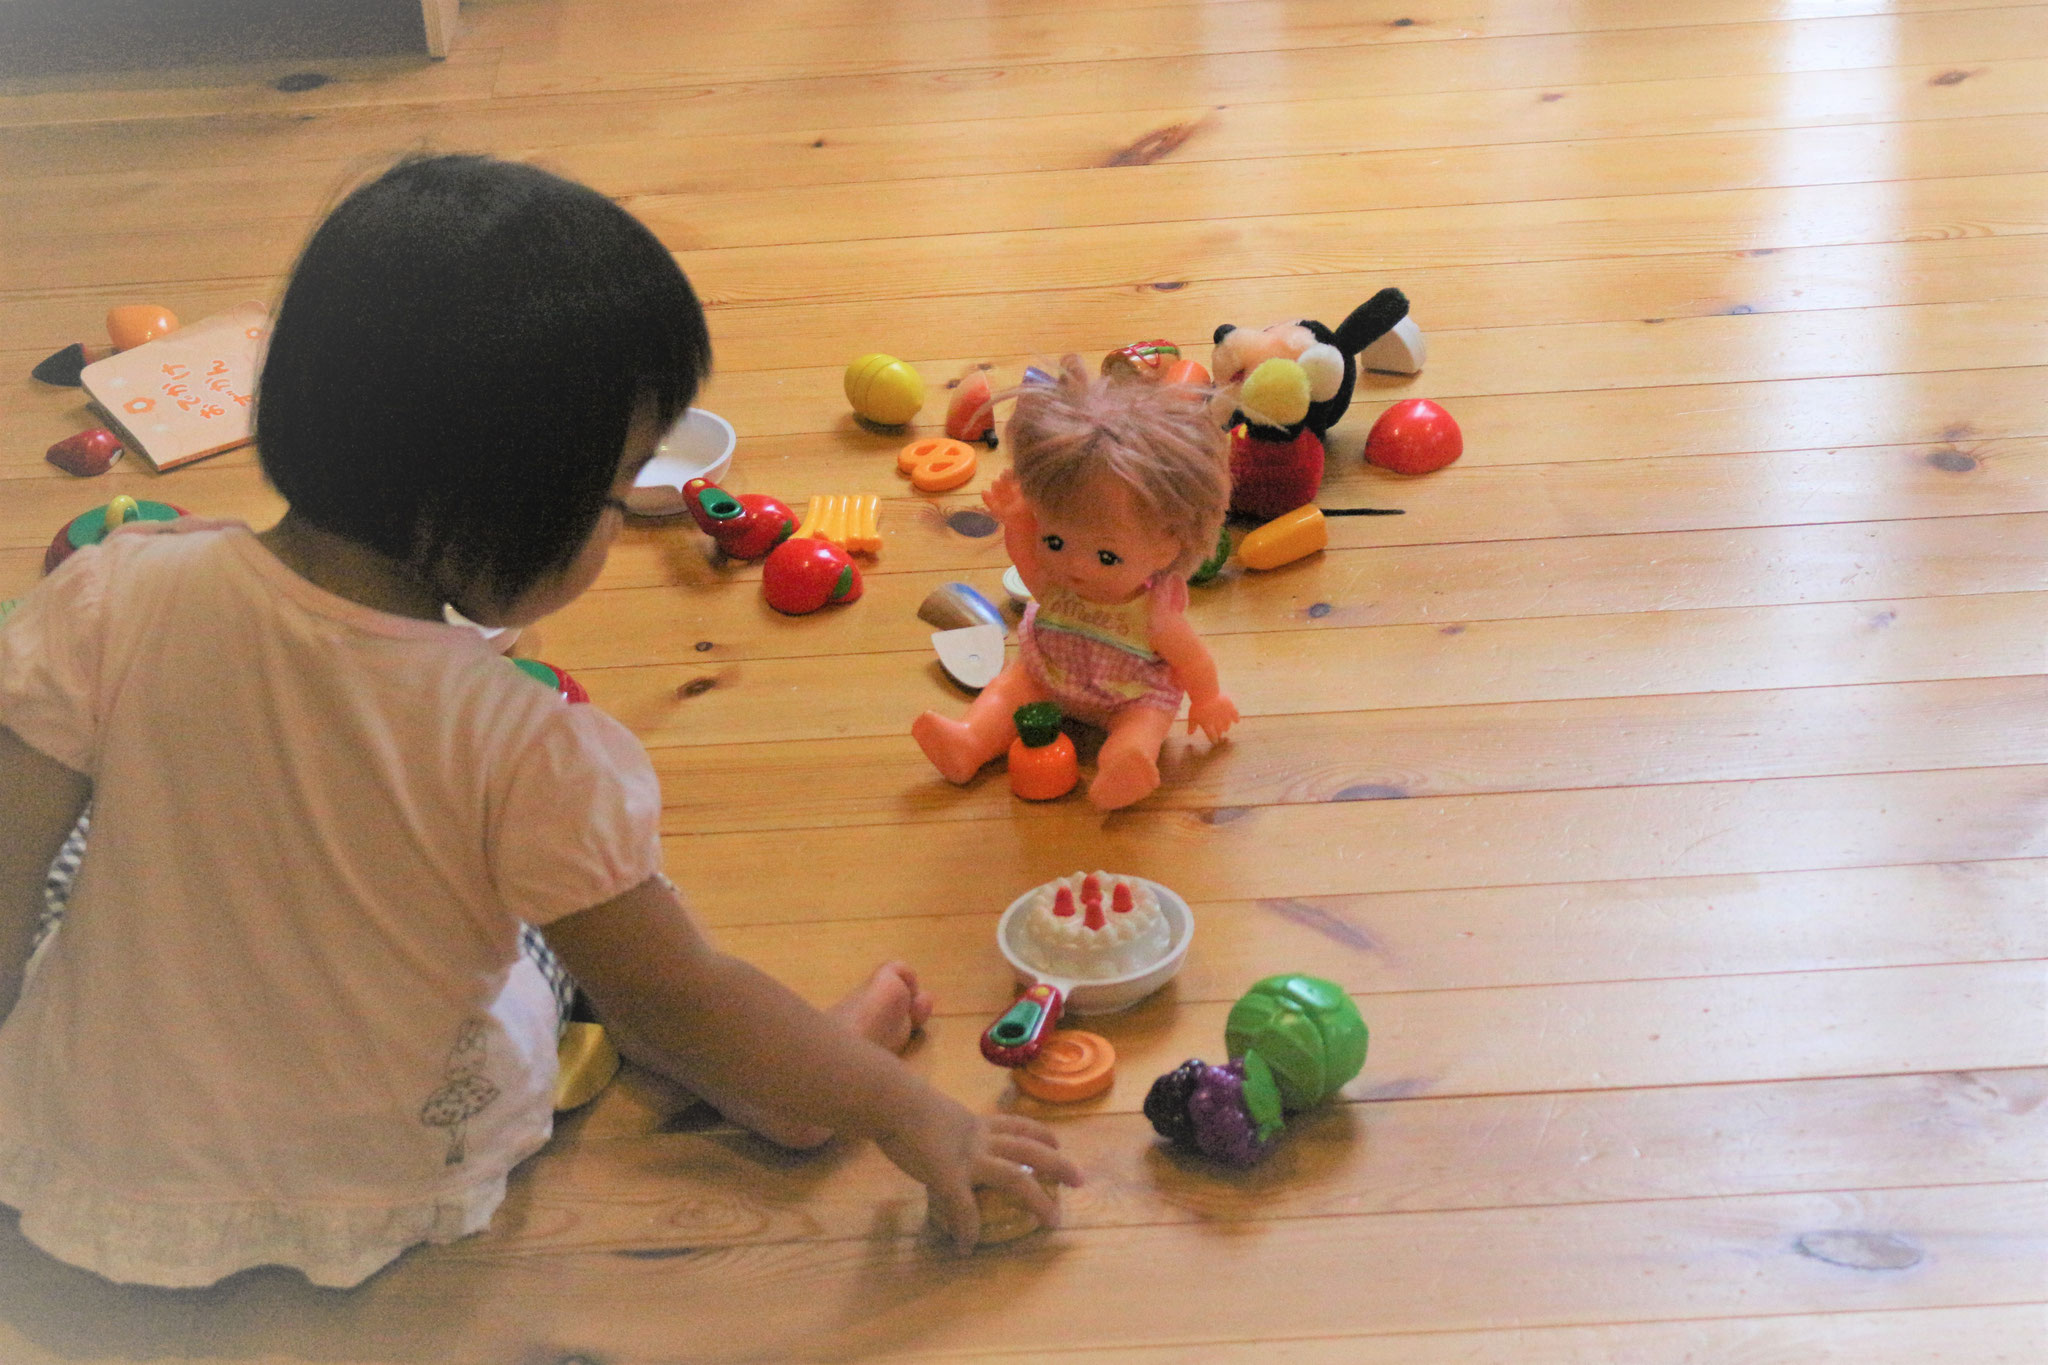 メルちゃんとままごと遊び  8月も夢中に遊びこんでいきます。